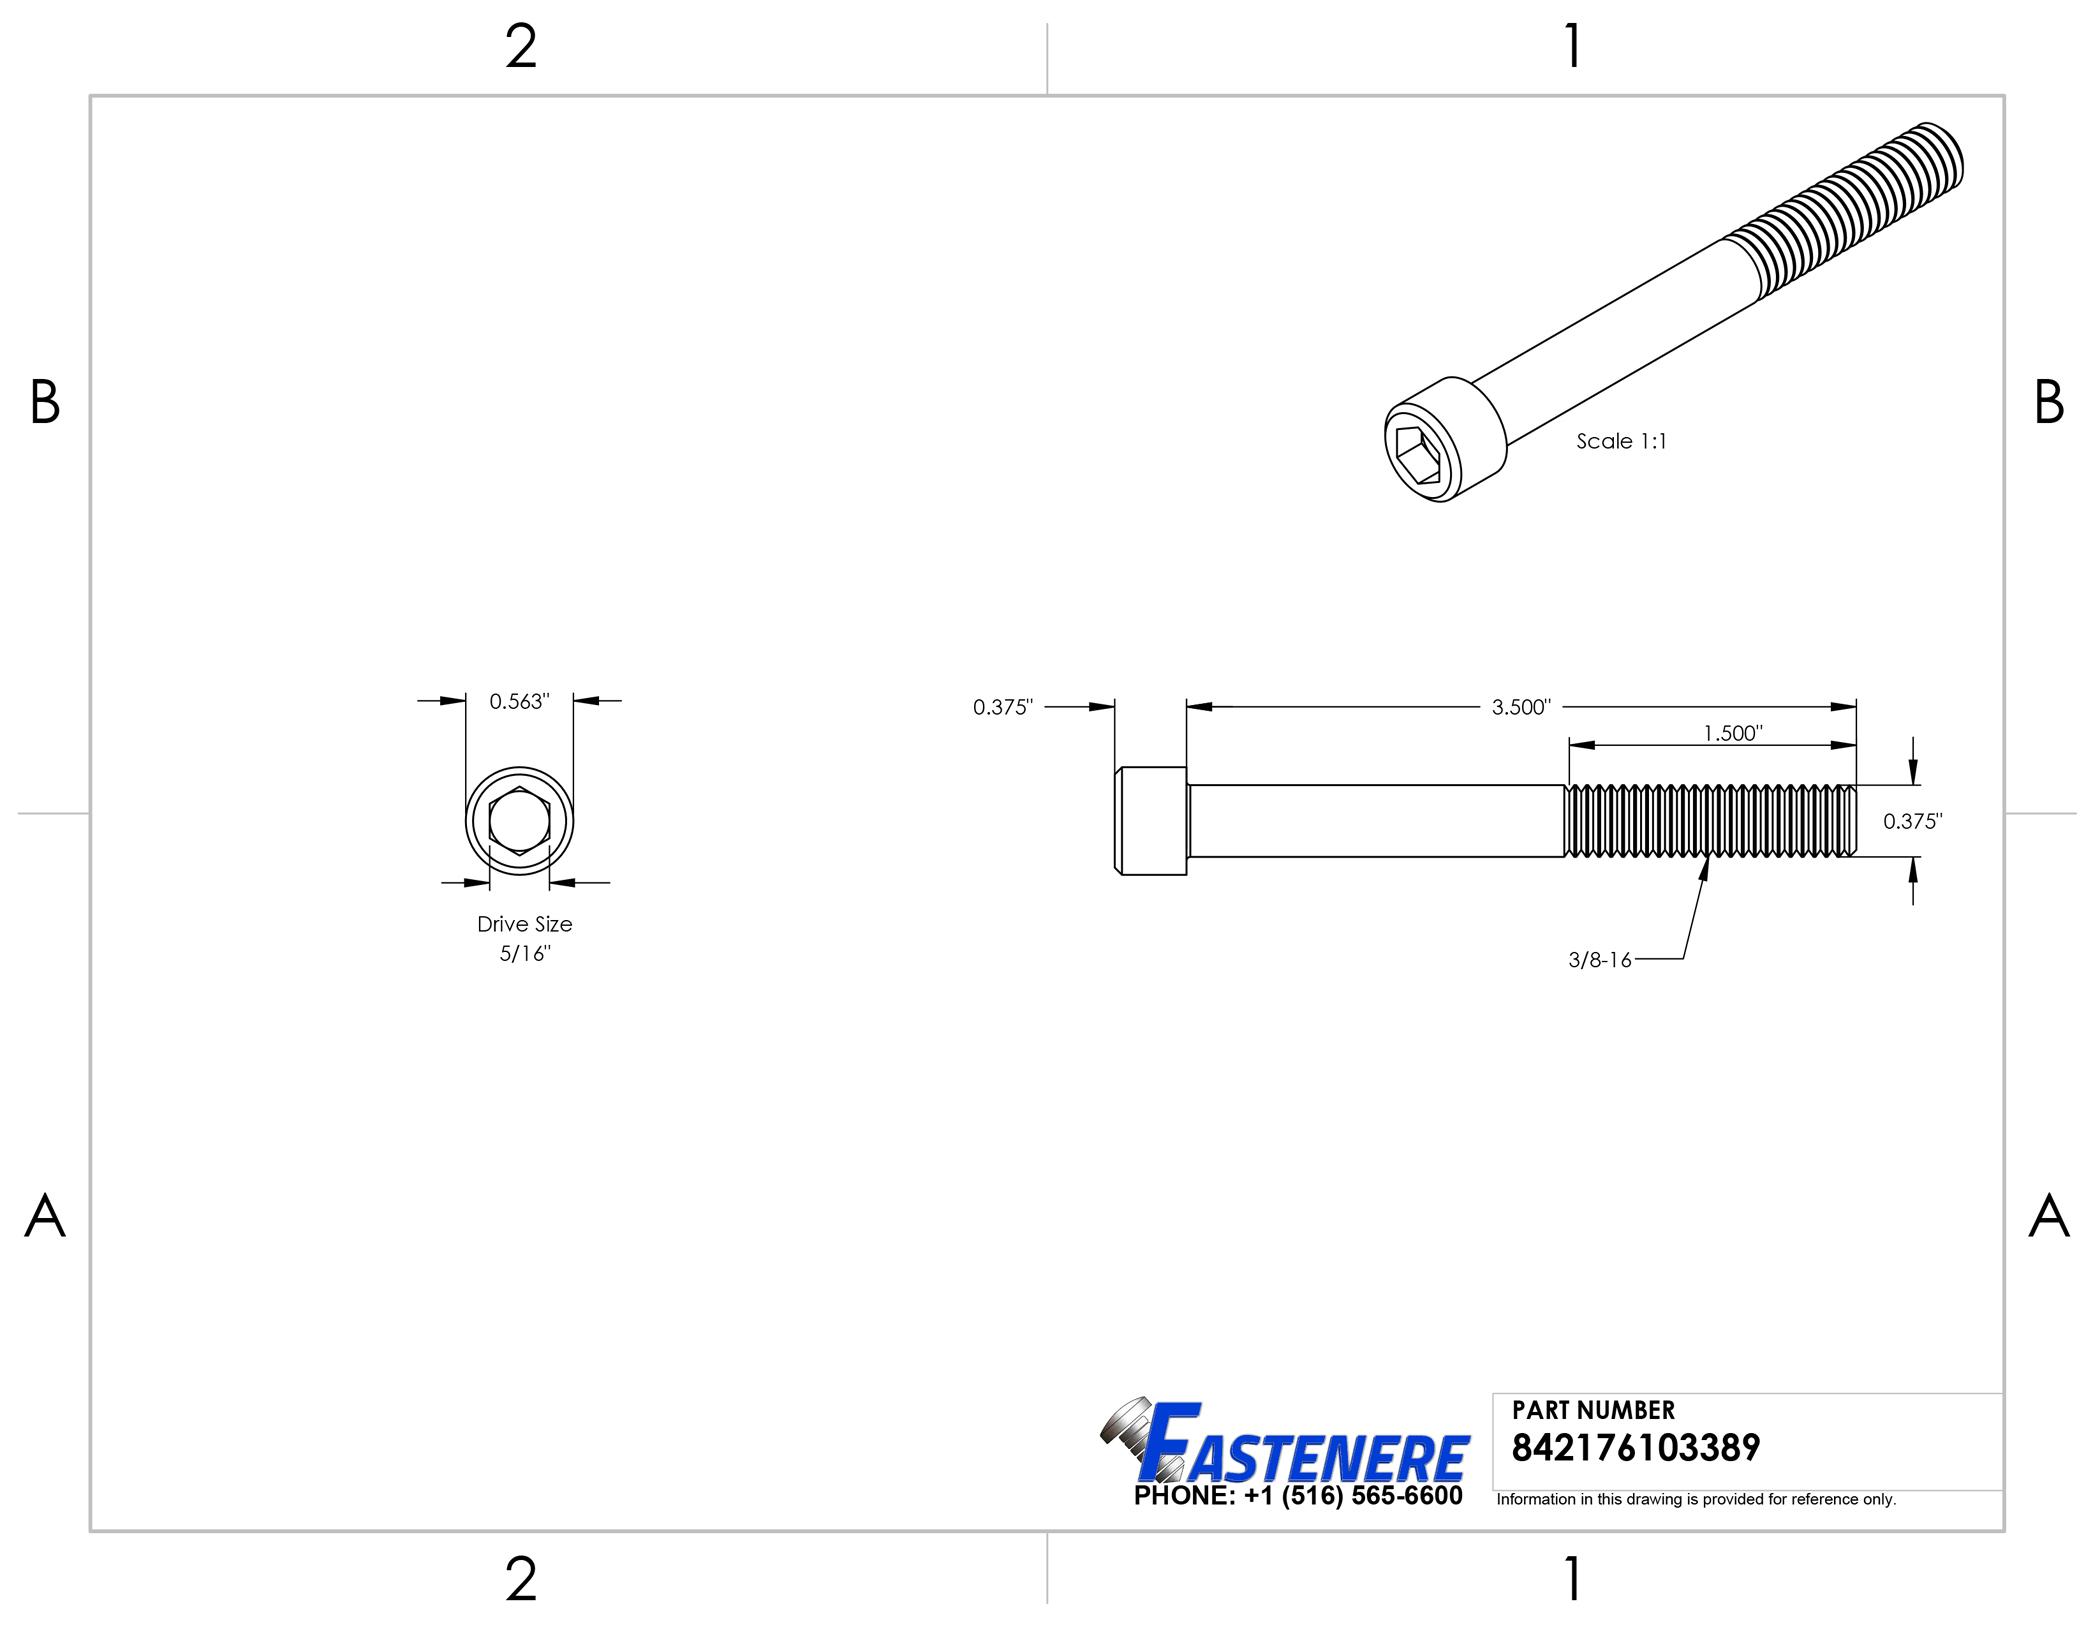 10x Gasdüse Plus 15 für Schaft Ø 12 mm M10 Gewinde Ø 16,0 mm L=54 mm #